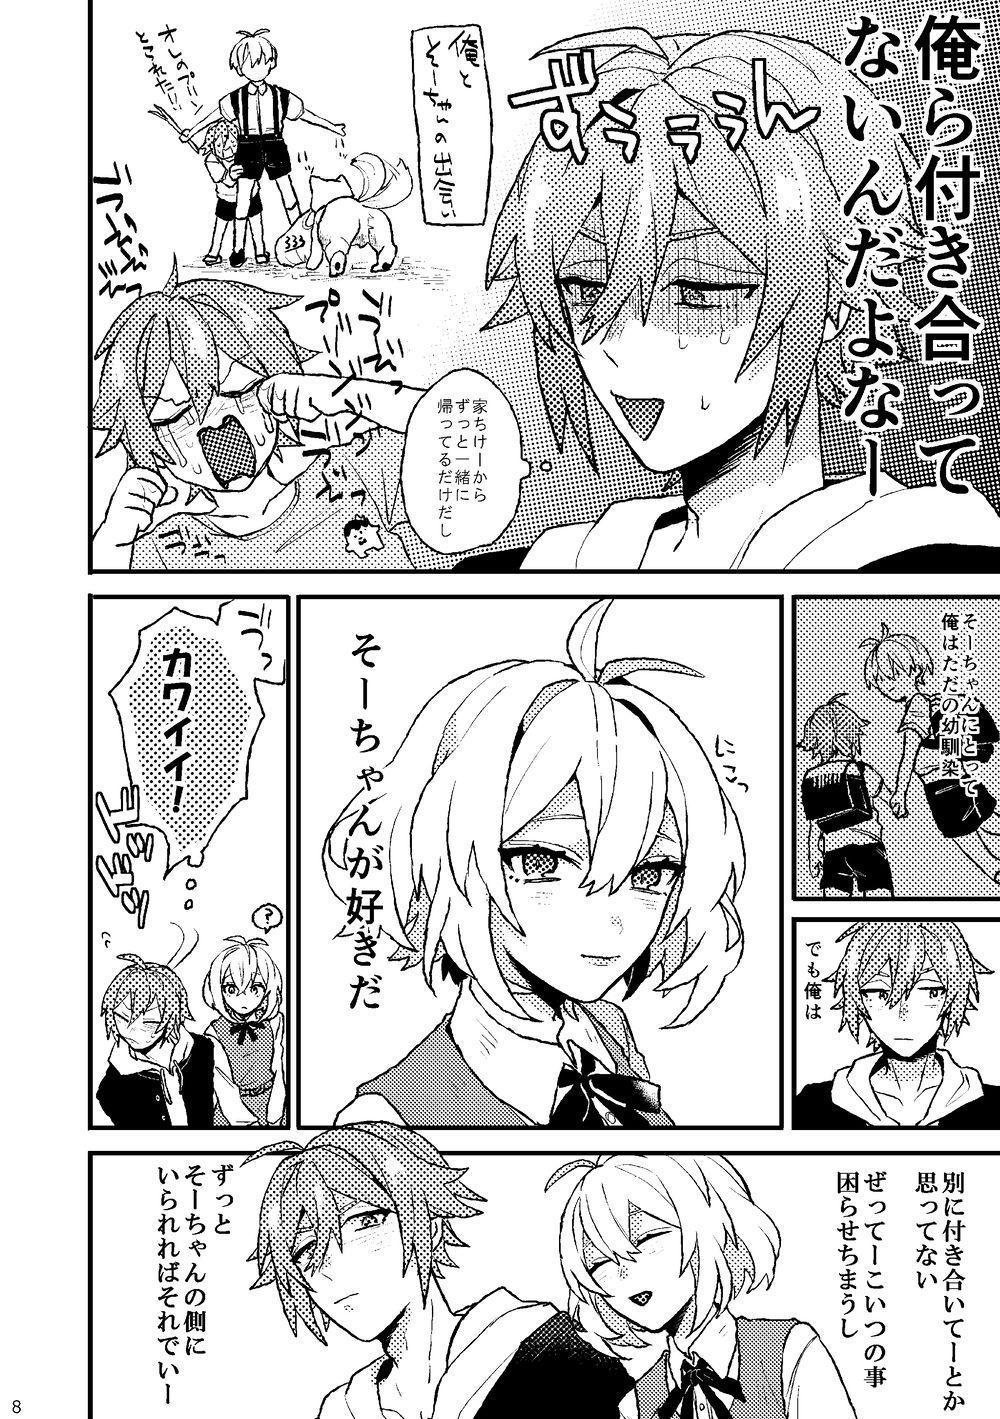 Ganbare! Tamaki-kun 5